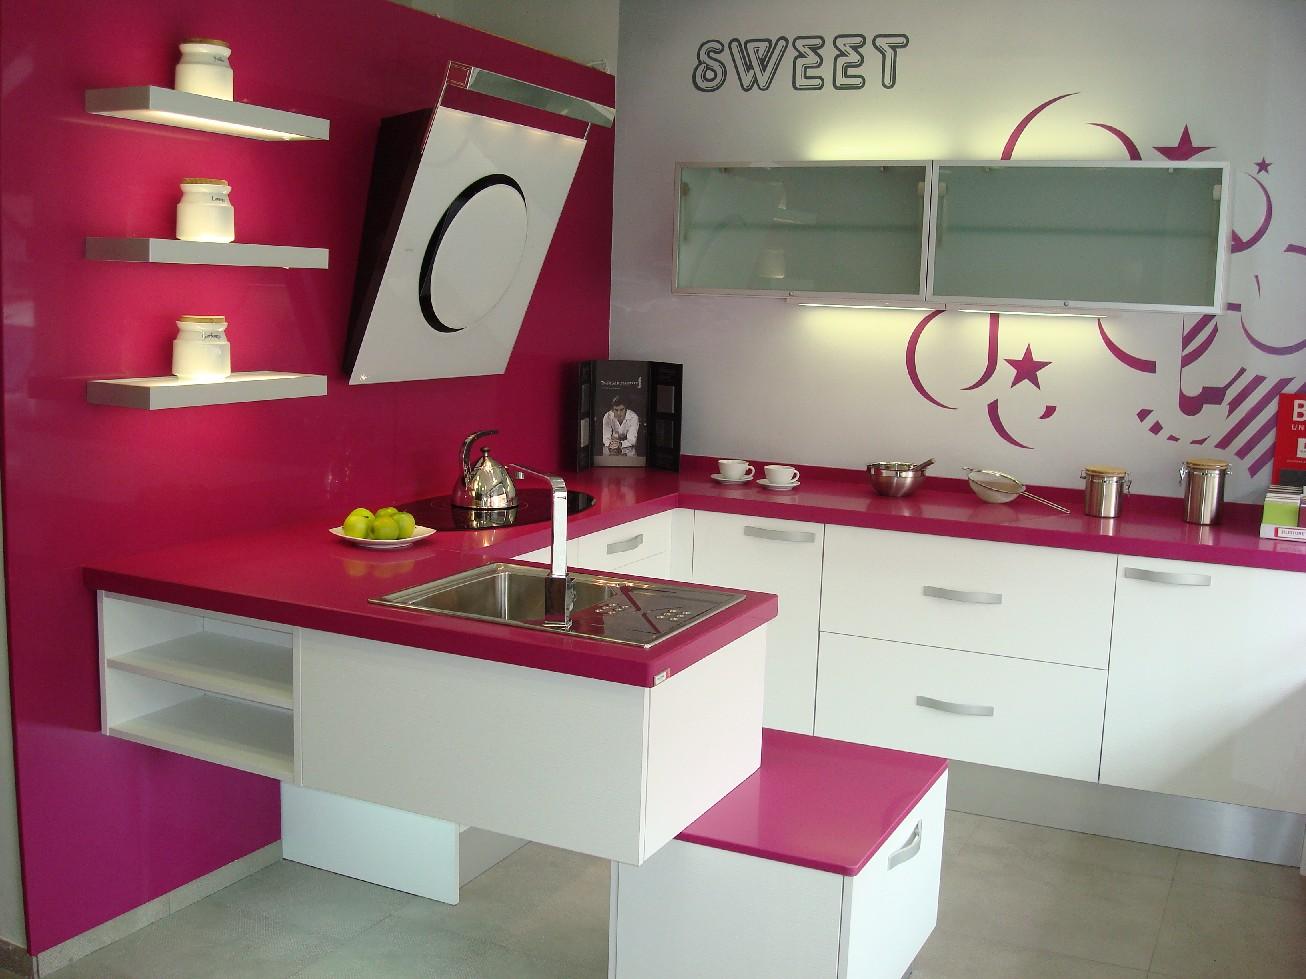 Dise o y decoraci n de cocinas encimeras por encima de for Decoracion diseno